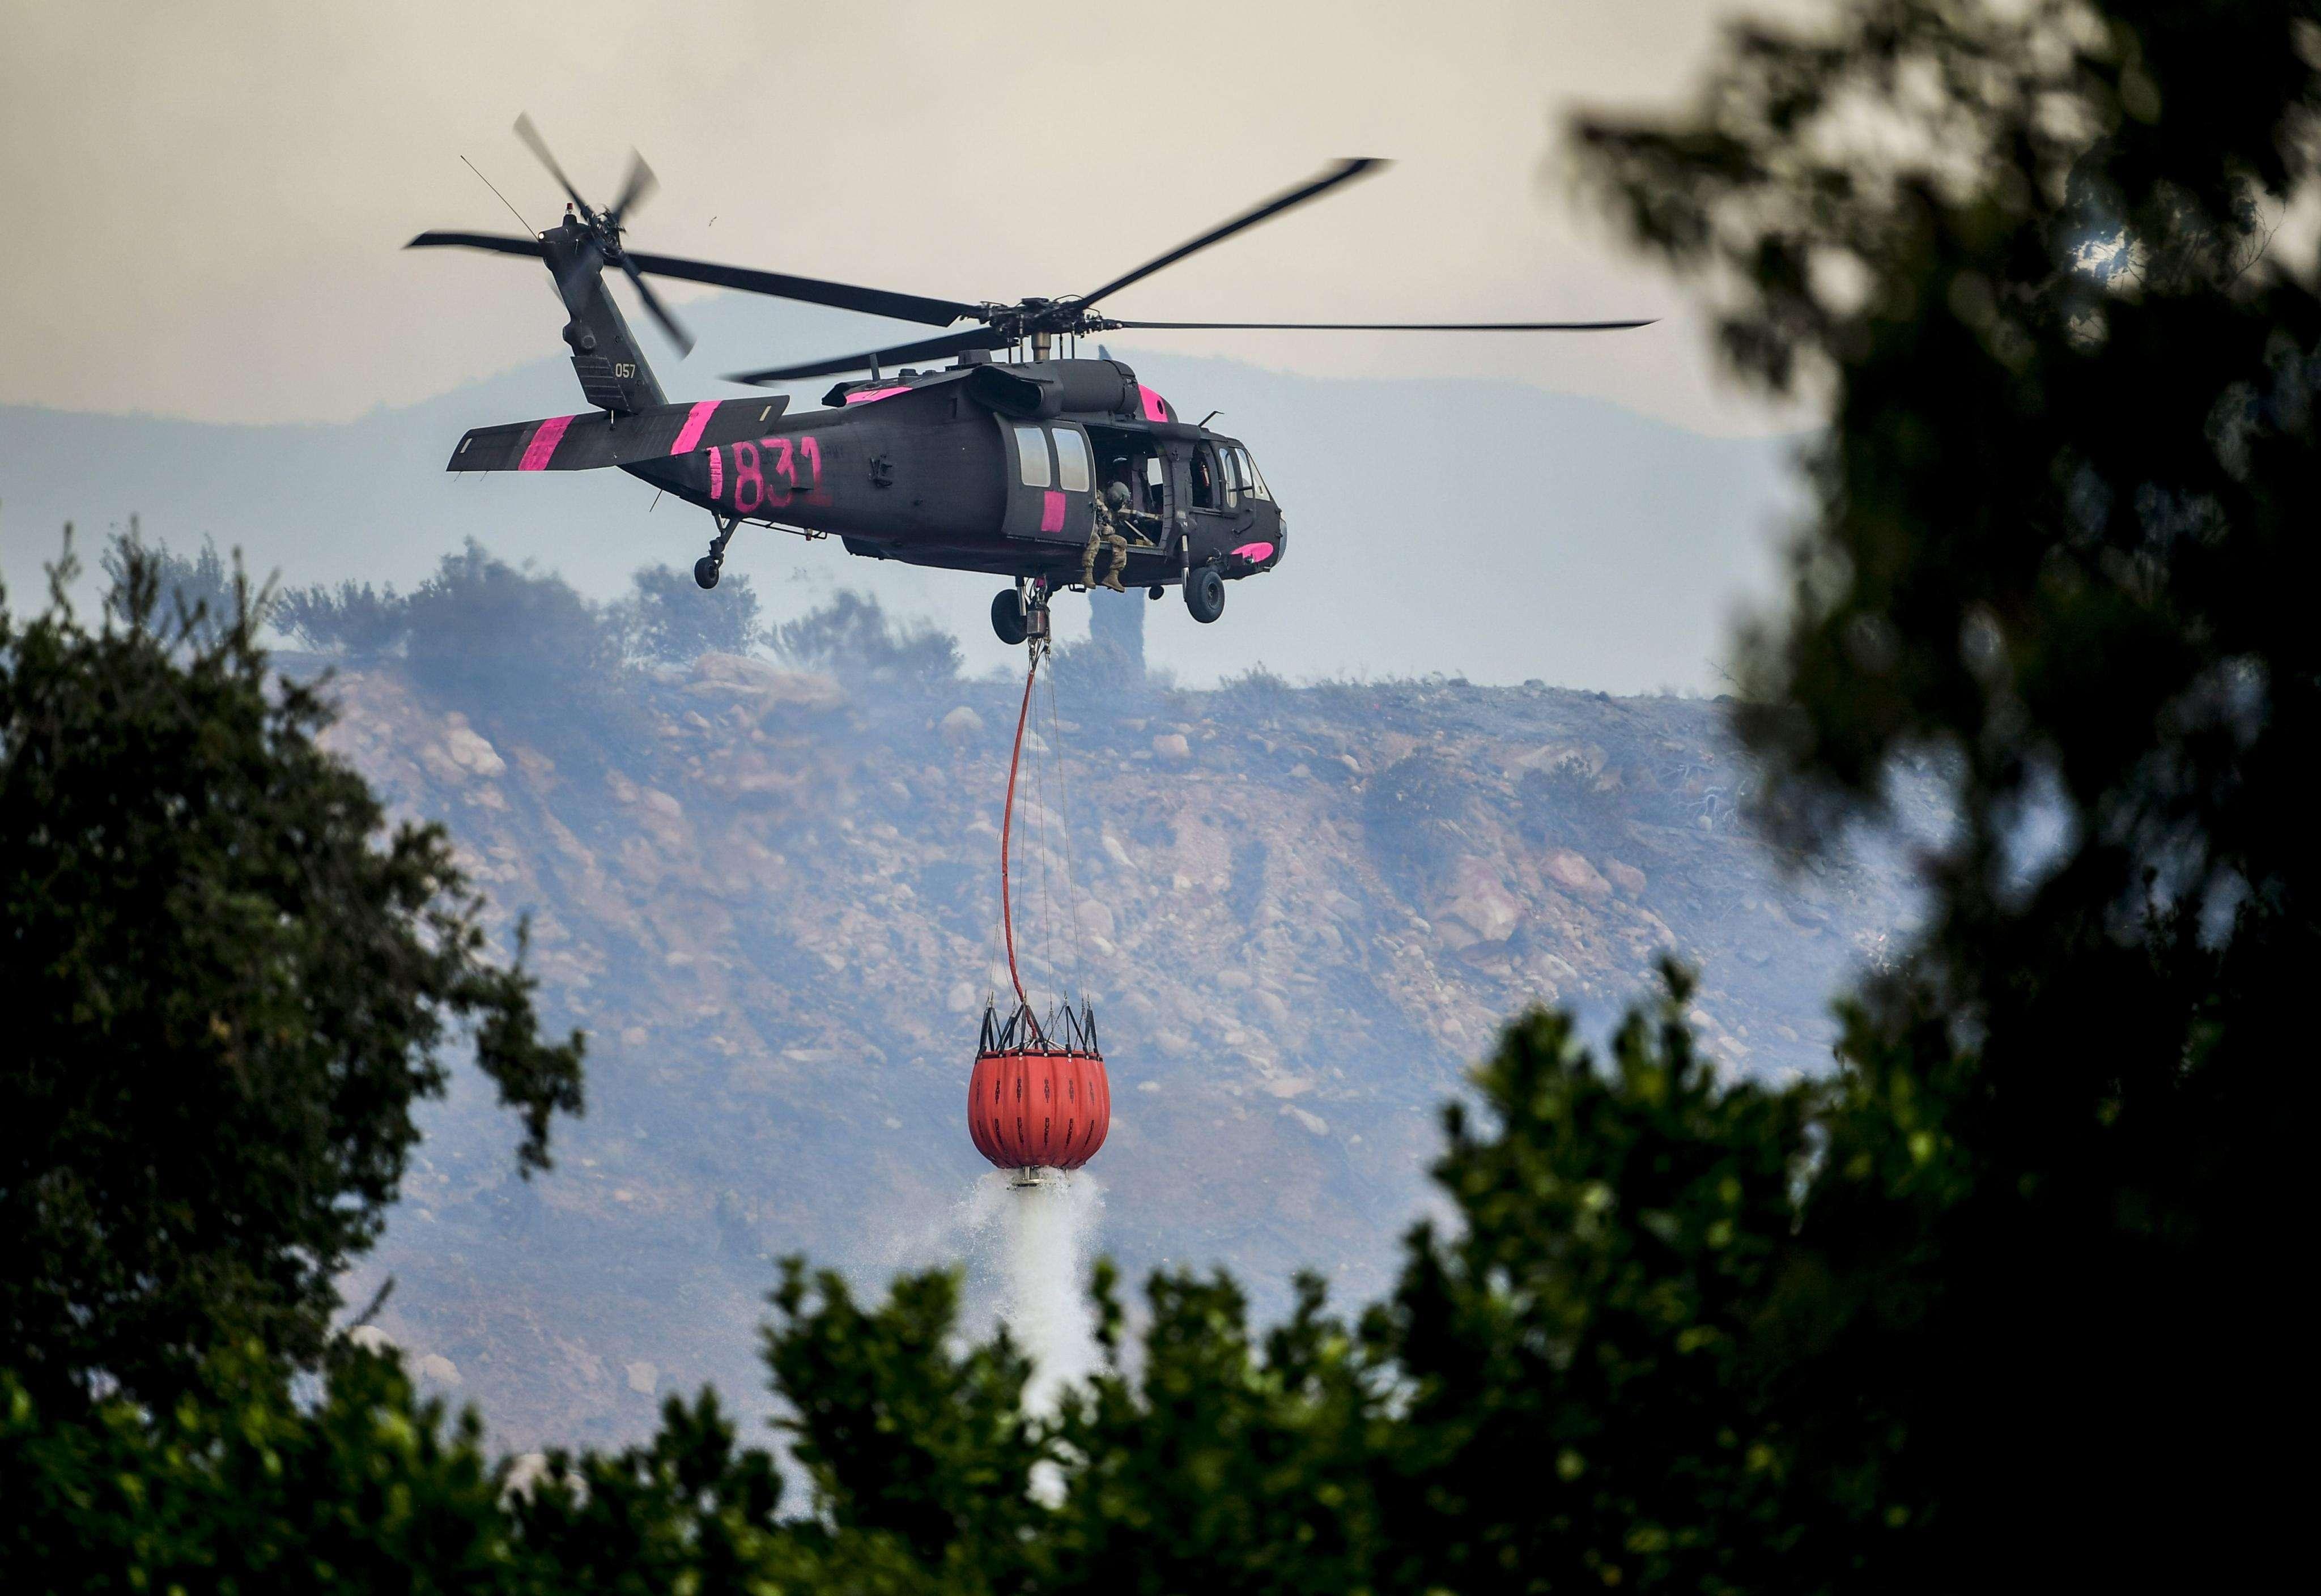 Solo en la zona del norte del condado de San Diego, el fuego ha quemado más de 1.000 hectáreas, derribado una veintena de estructuras y dejado, al menos, dos heridos.